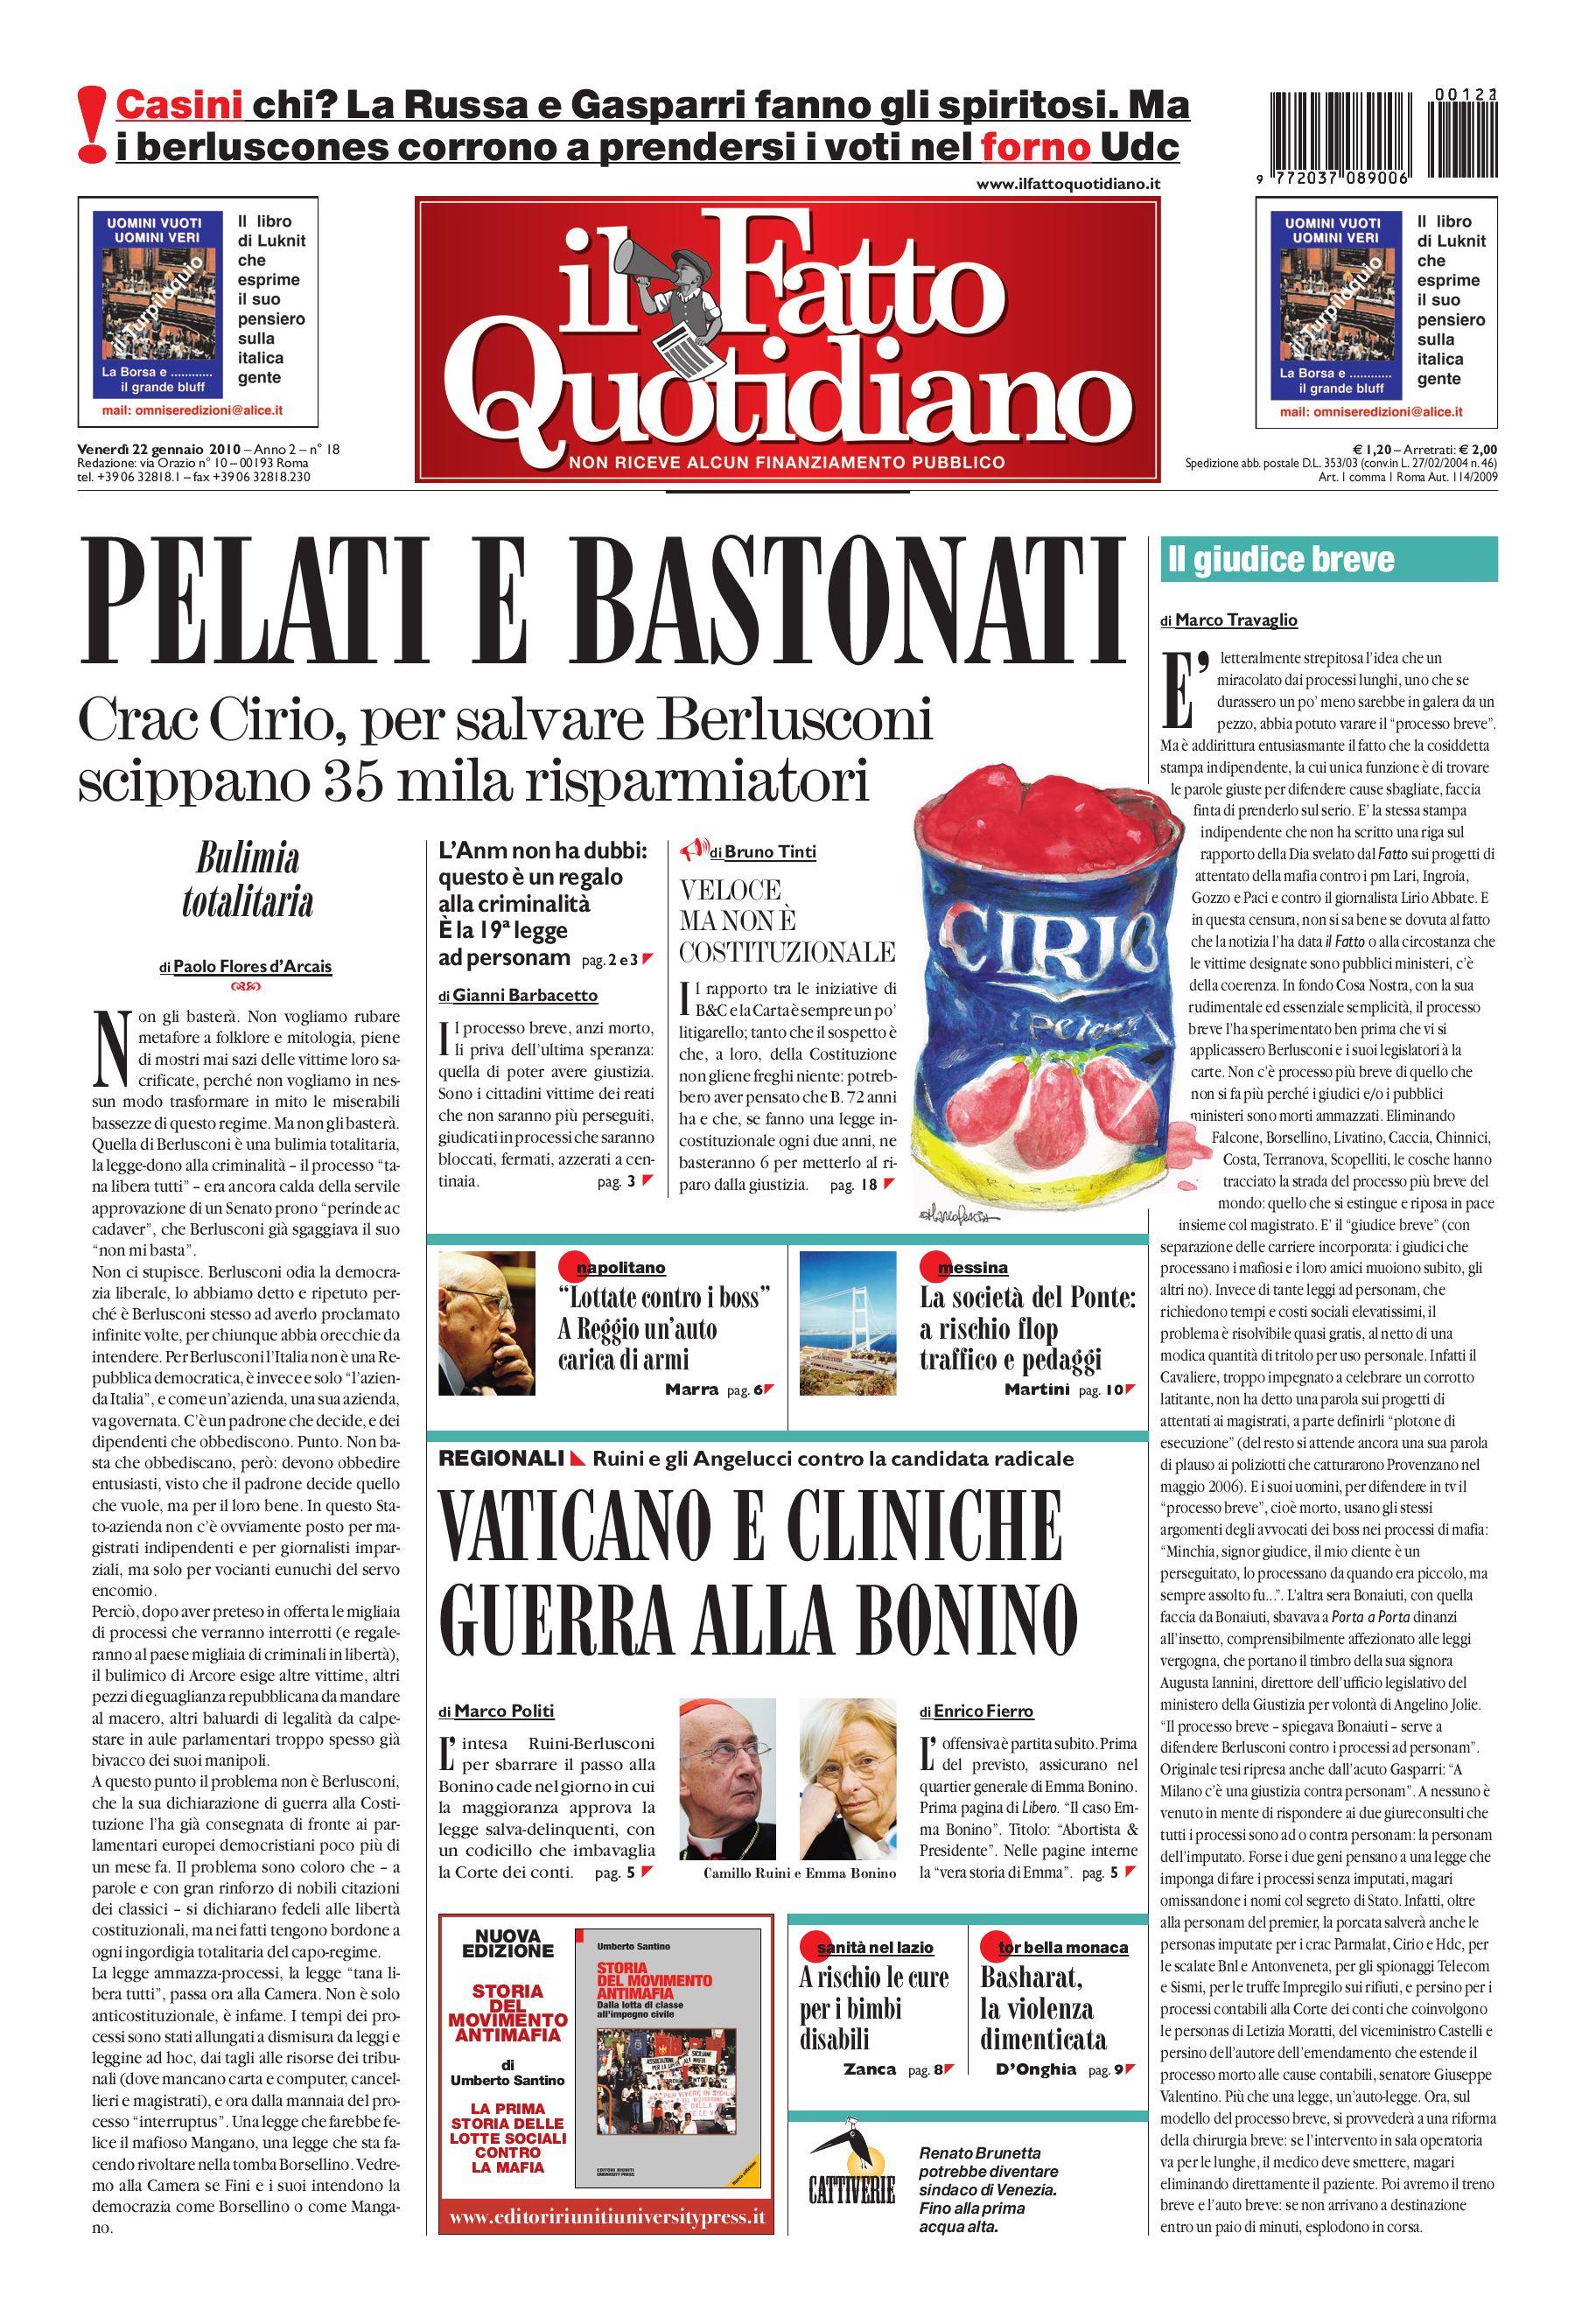 Il Fatto Quotidiano (22 Gennaio 2010) by Luigi Bosco - issuu a00888e74ef9